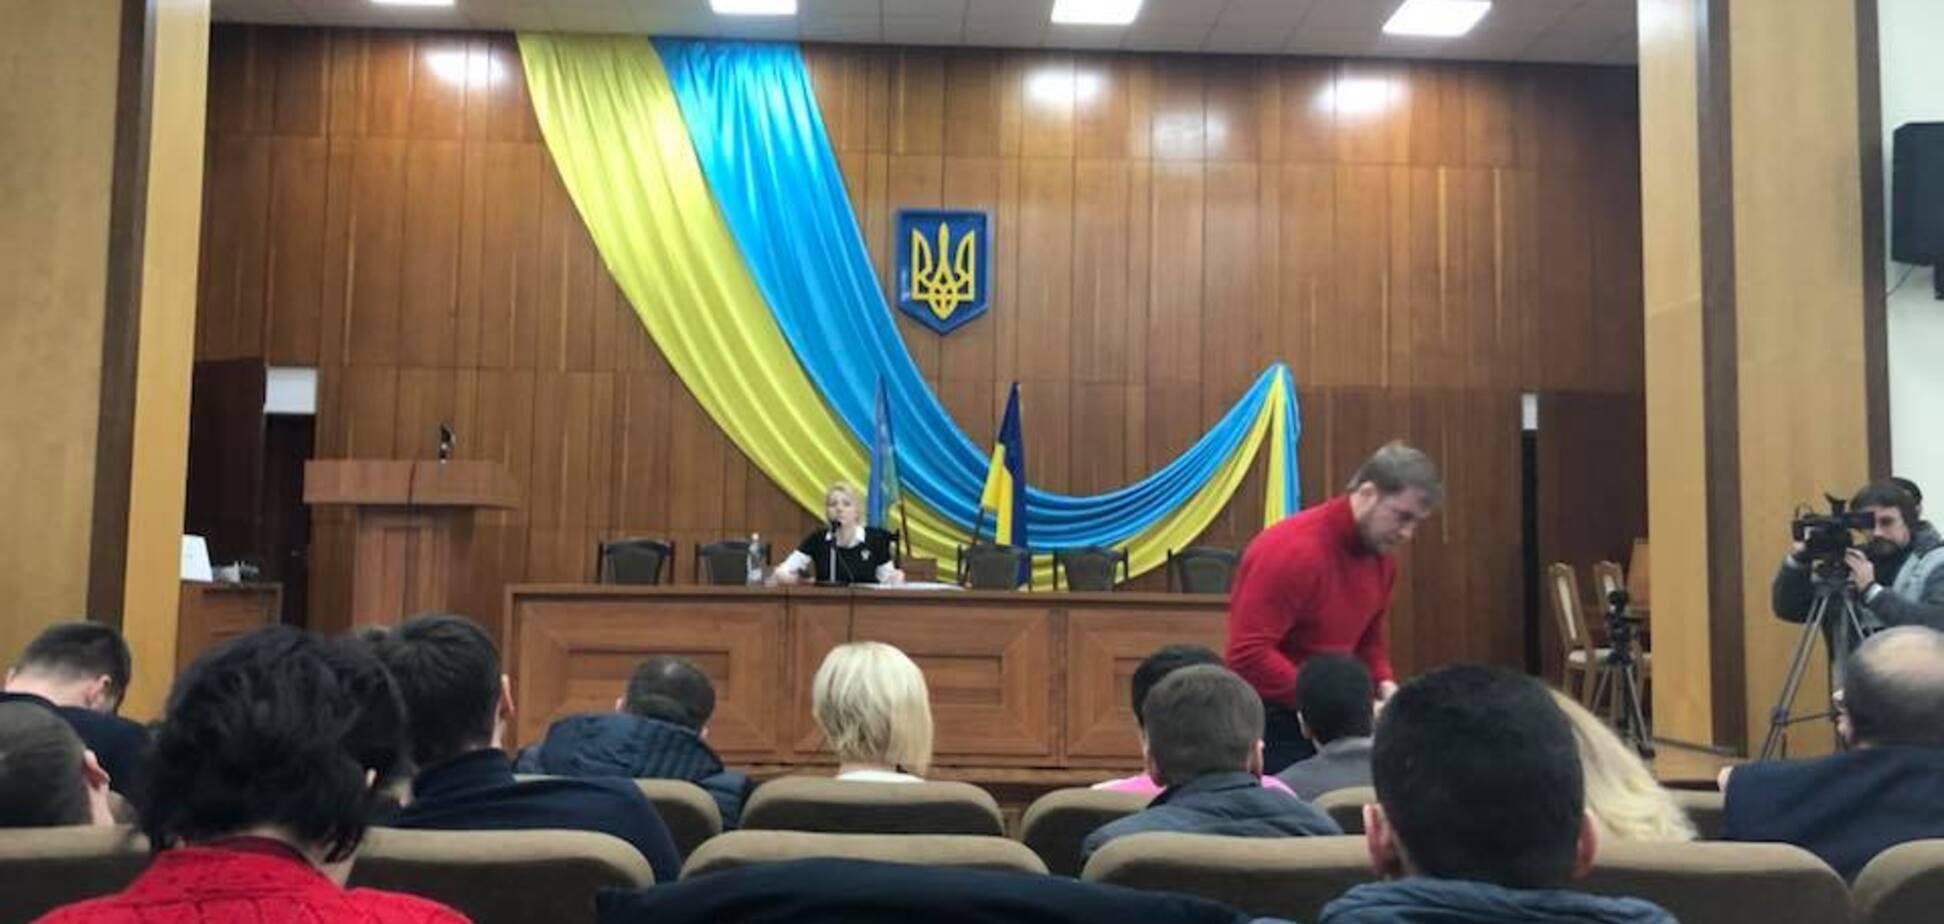 Депутаты пели хором: под Киевом разгорелся скандал с гимном России